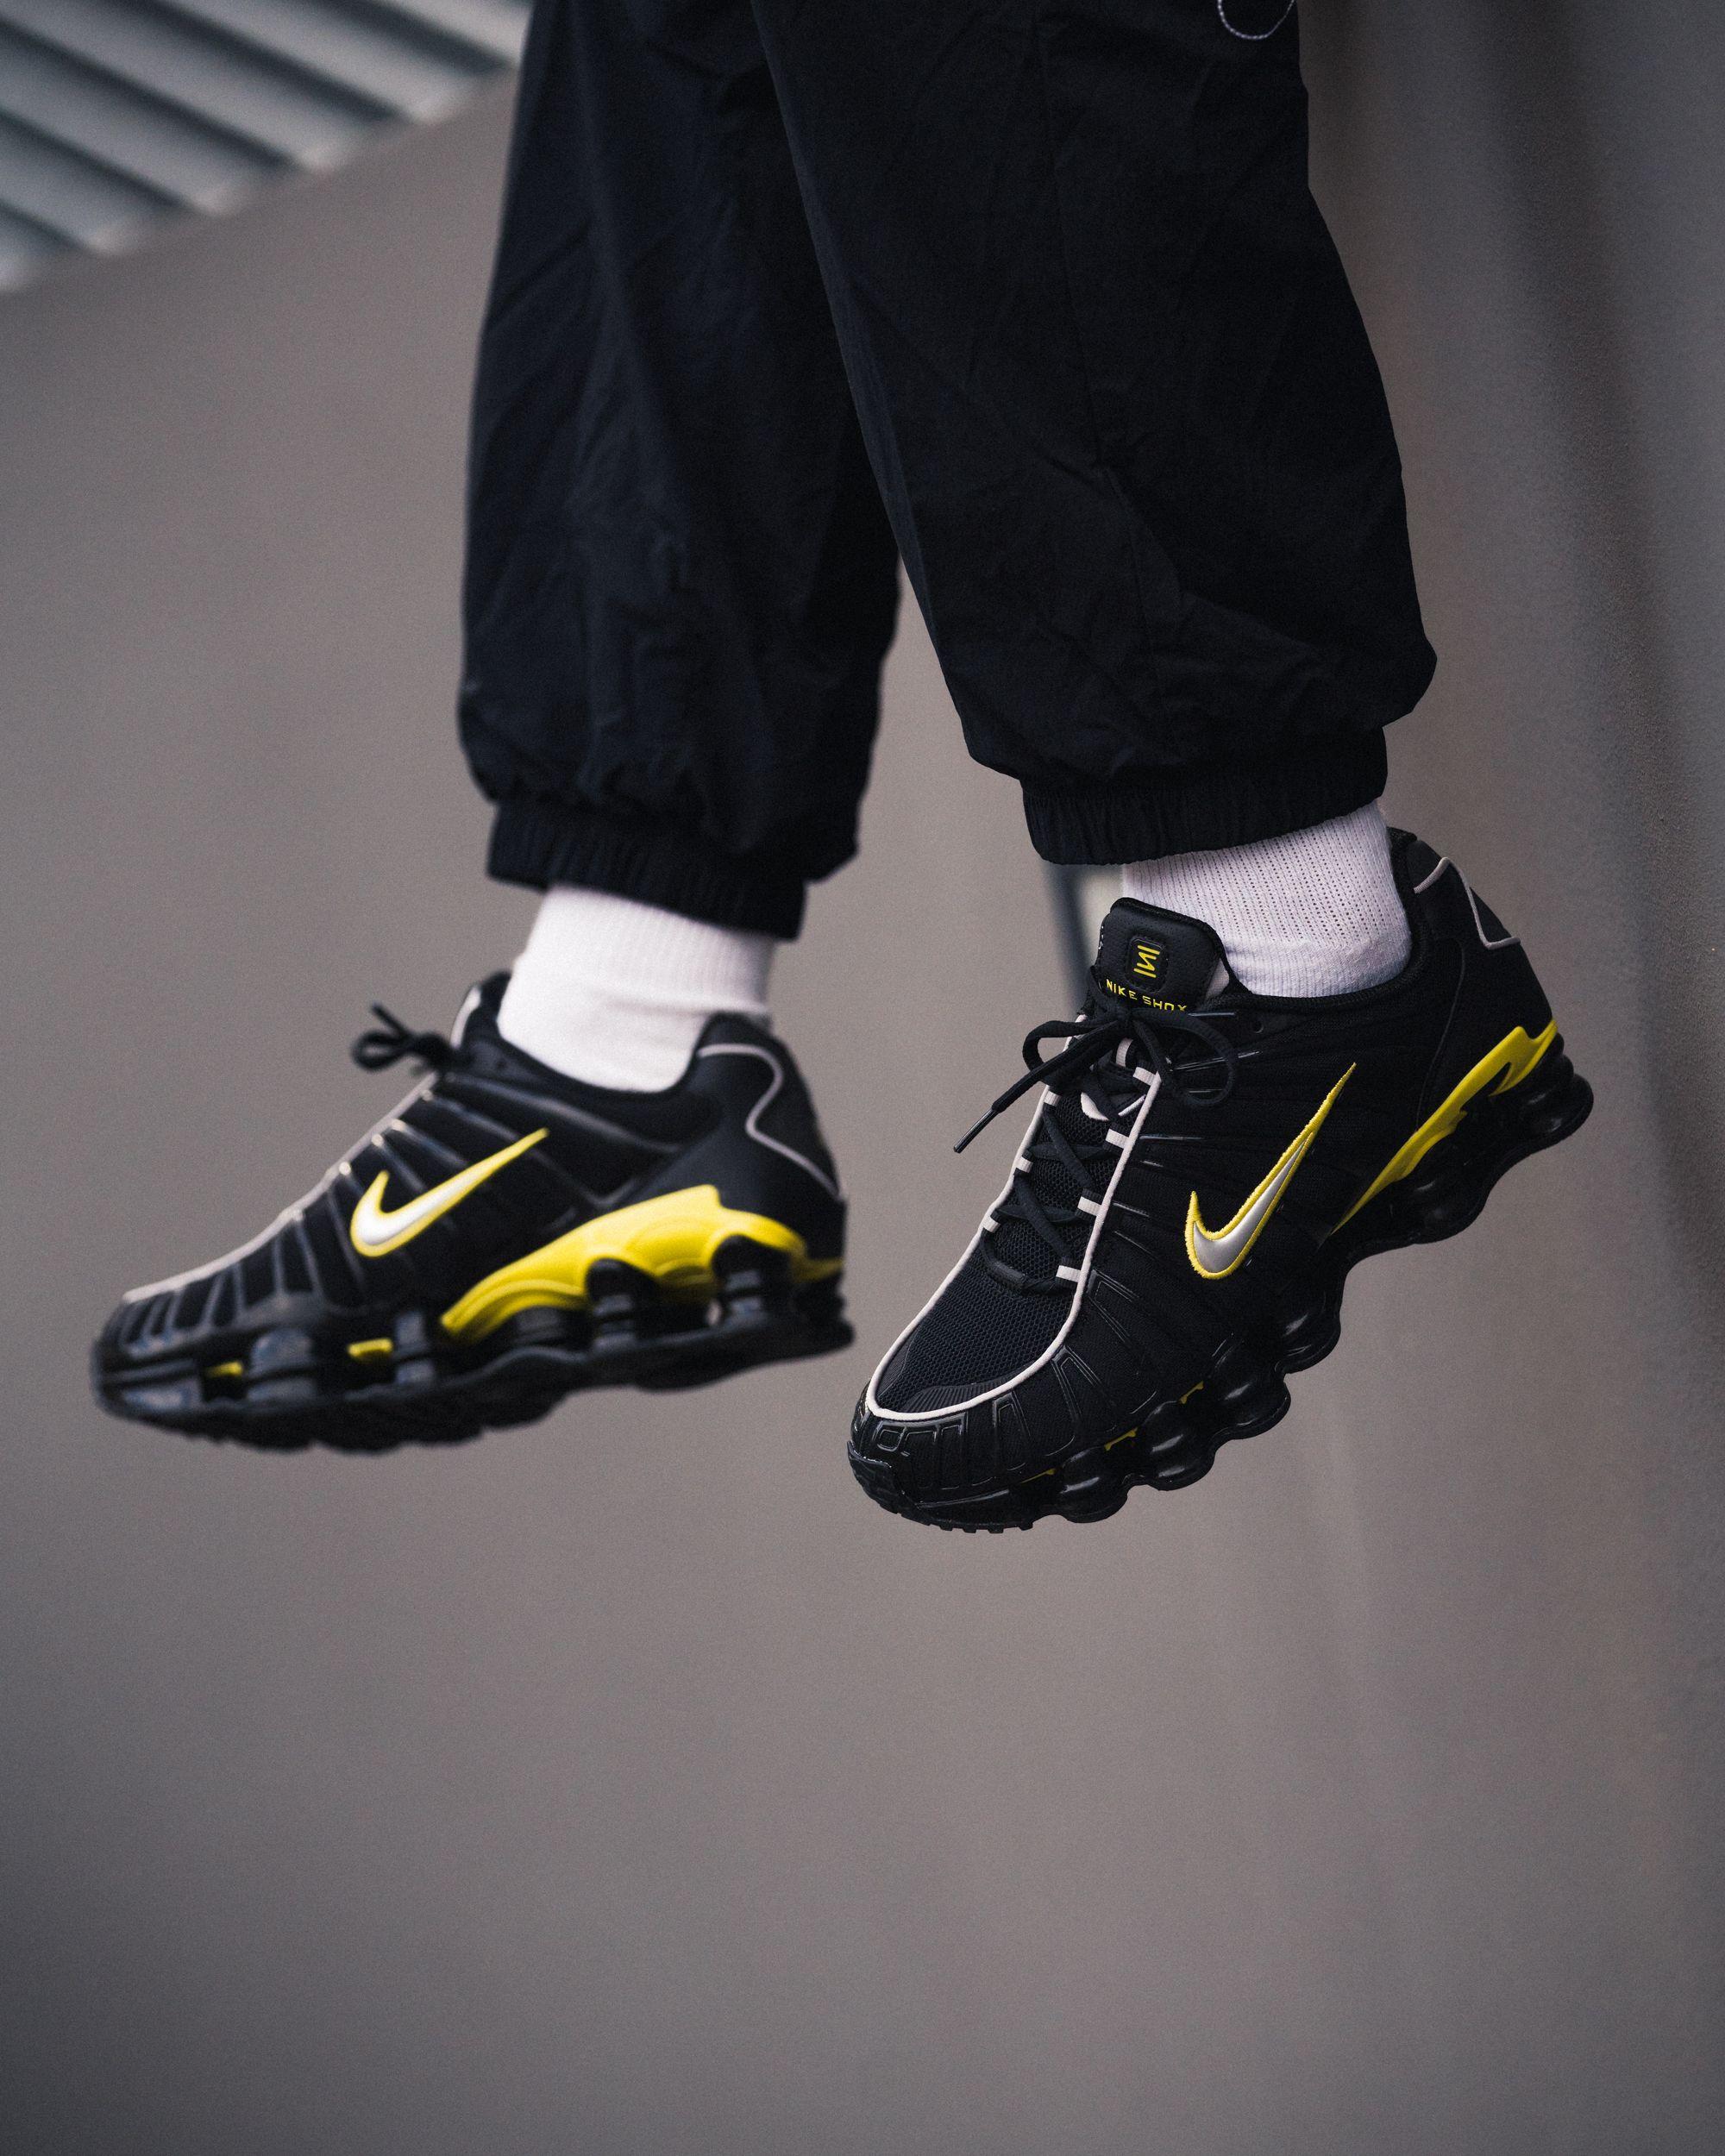 Schwarze Sneaker mit gelbem Nike Zeichen, Schuhe von Nike